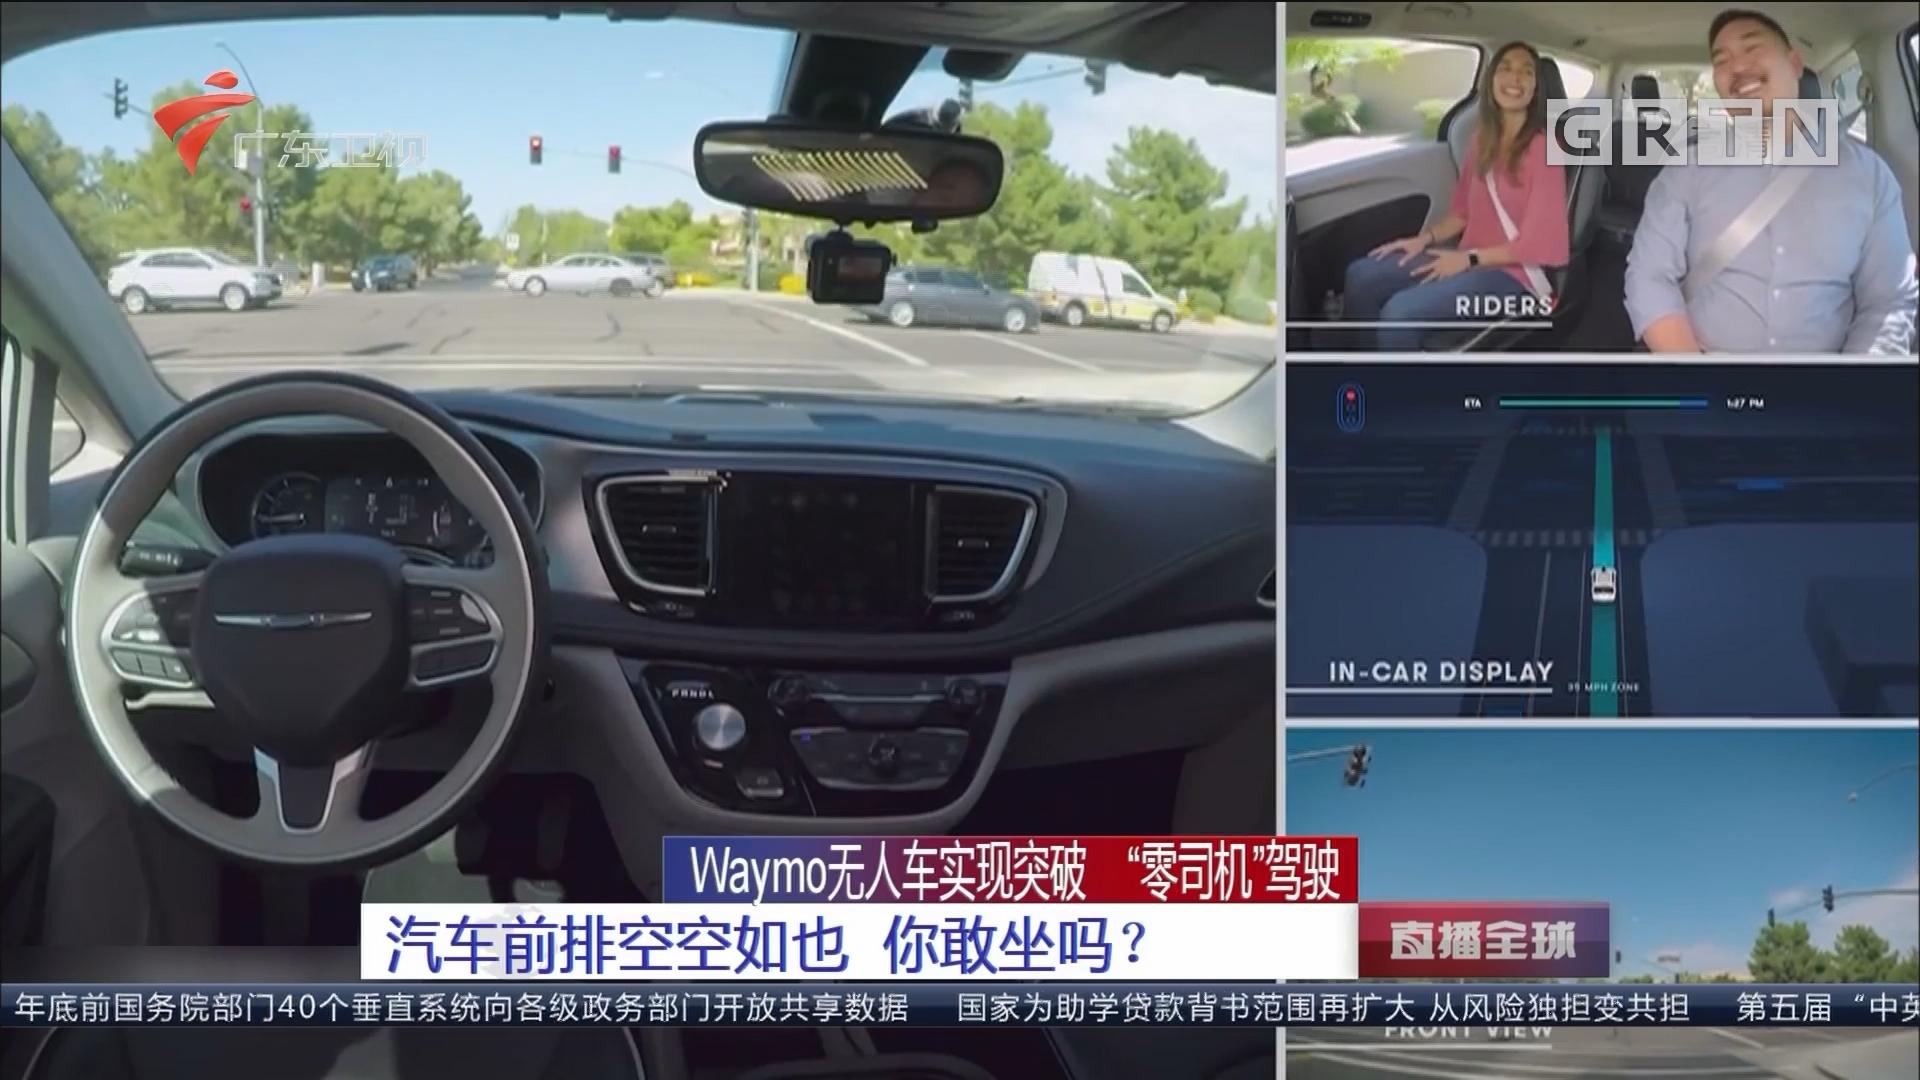 """Waymo无人车实现突破 """"零司机""""驾驶 汽车前排空空如也 你敢坐吗?"""